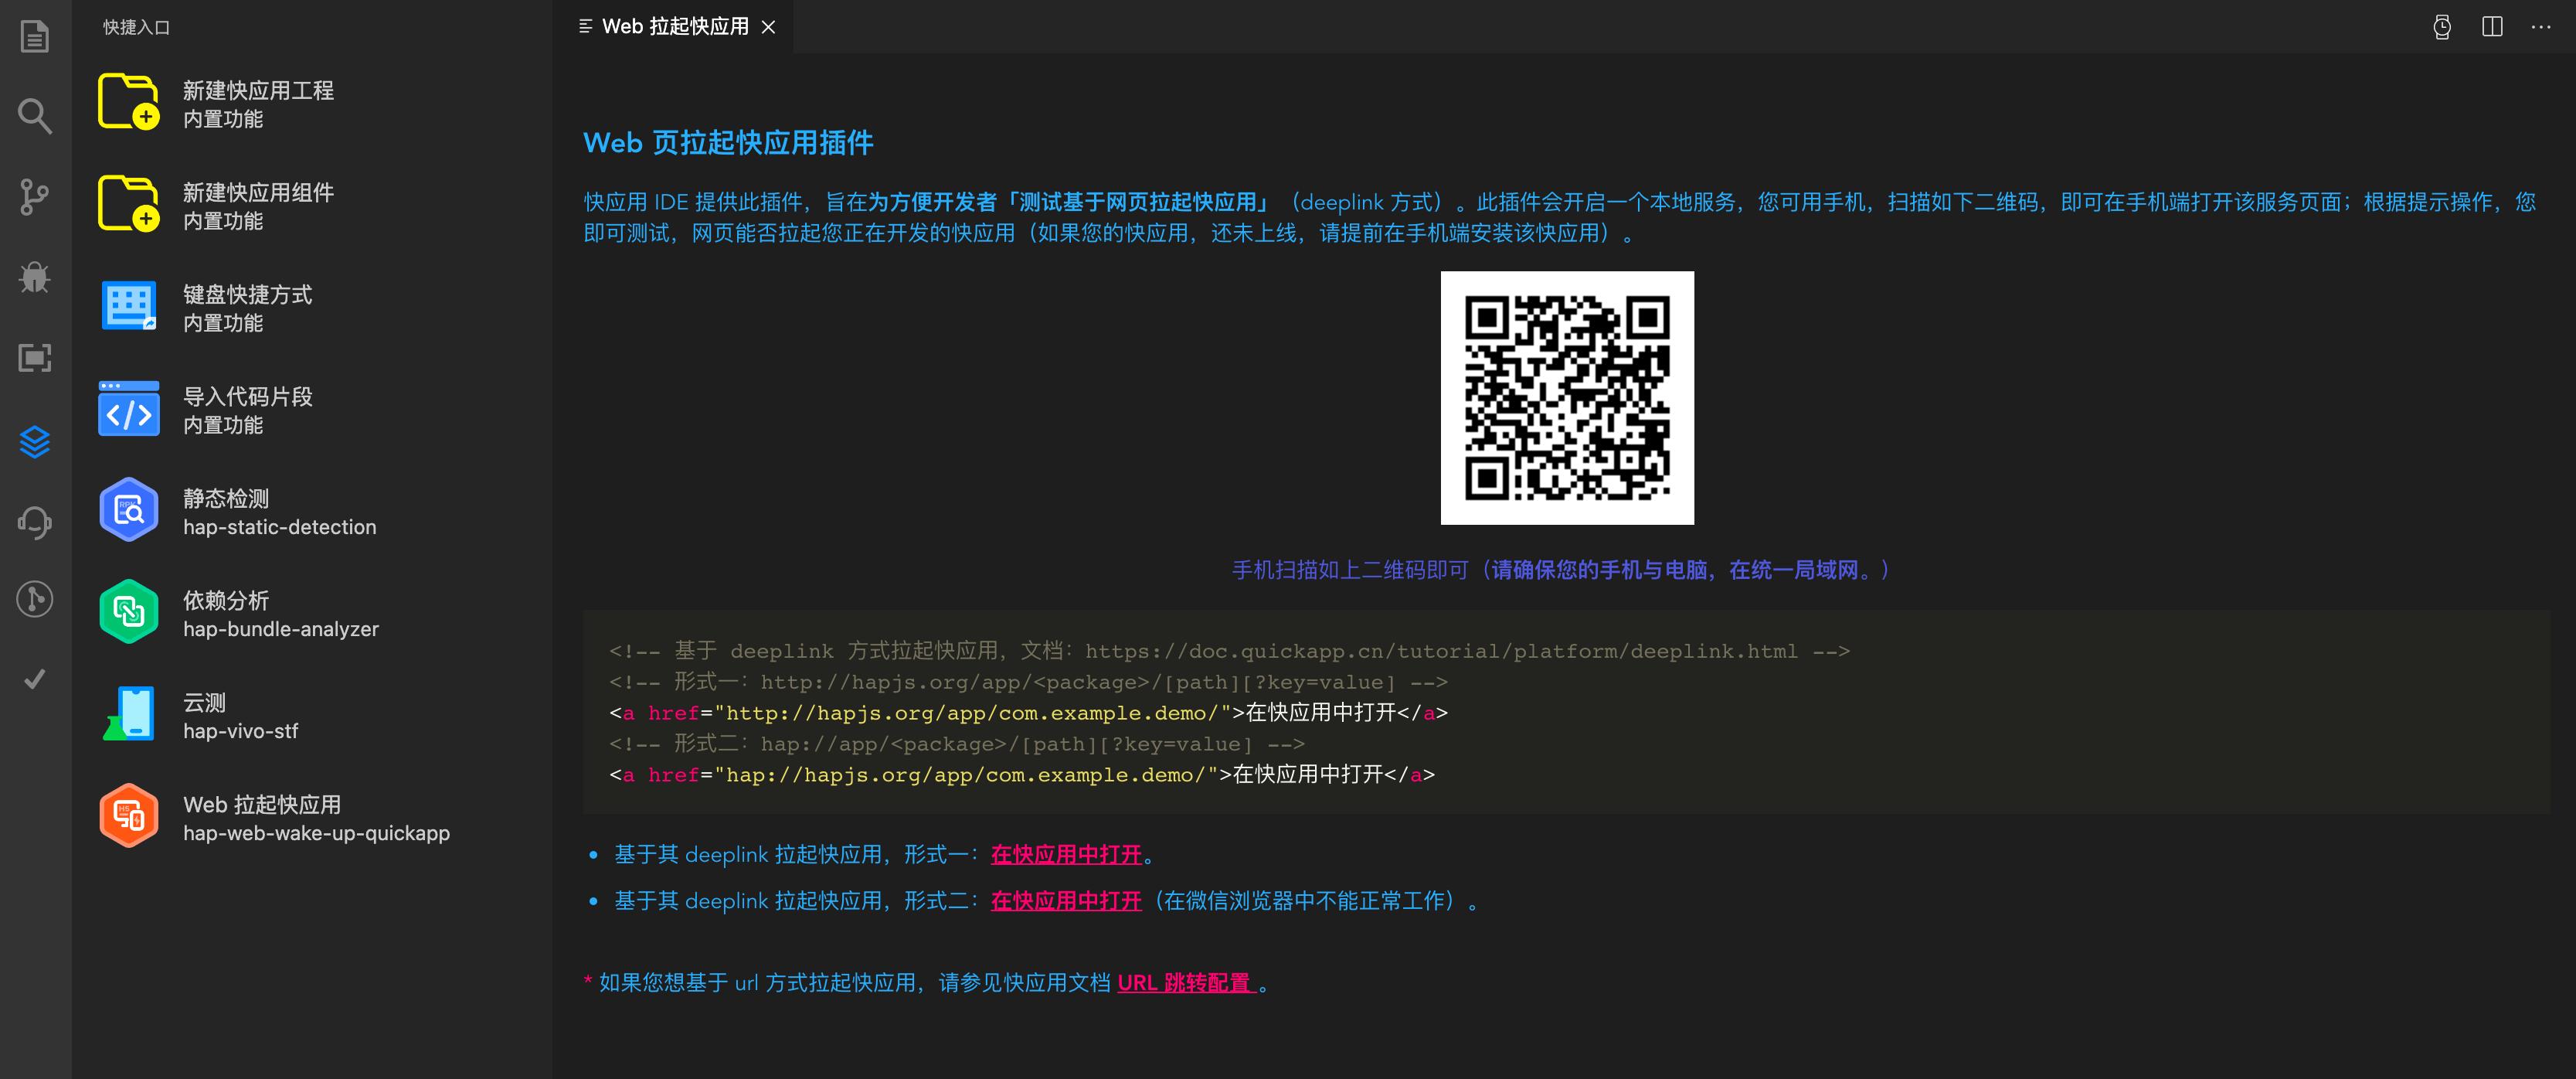 快应用 IDE - Web 拉起快应用插件